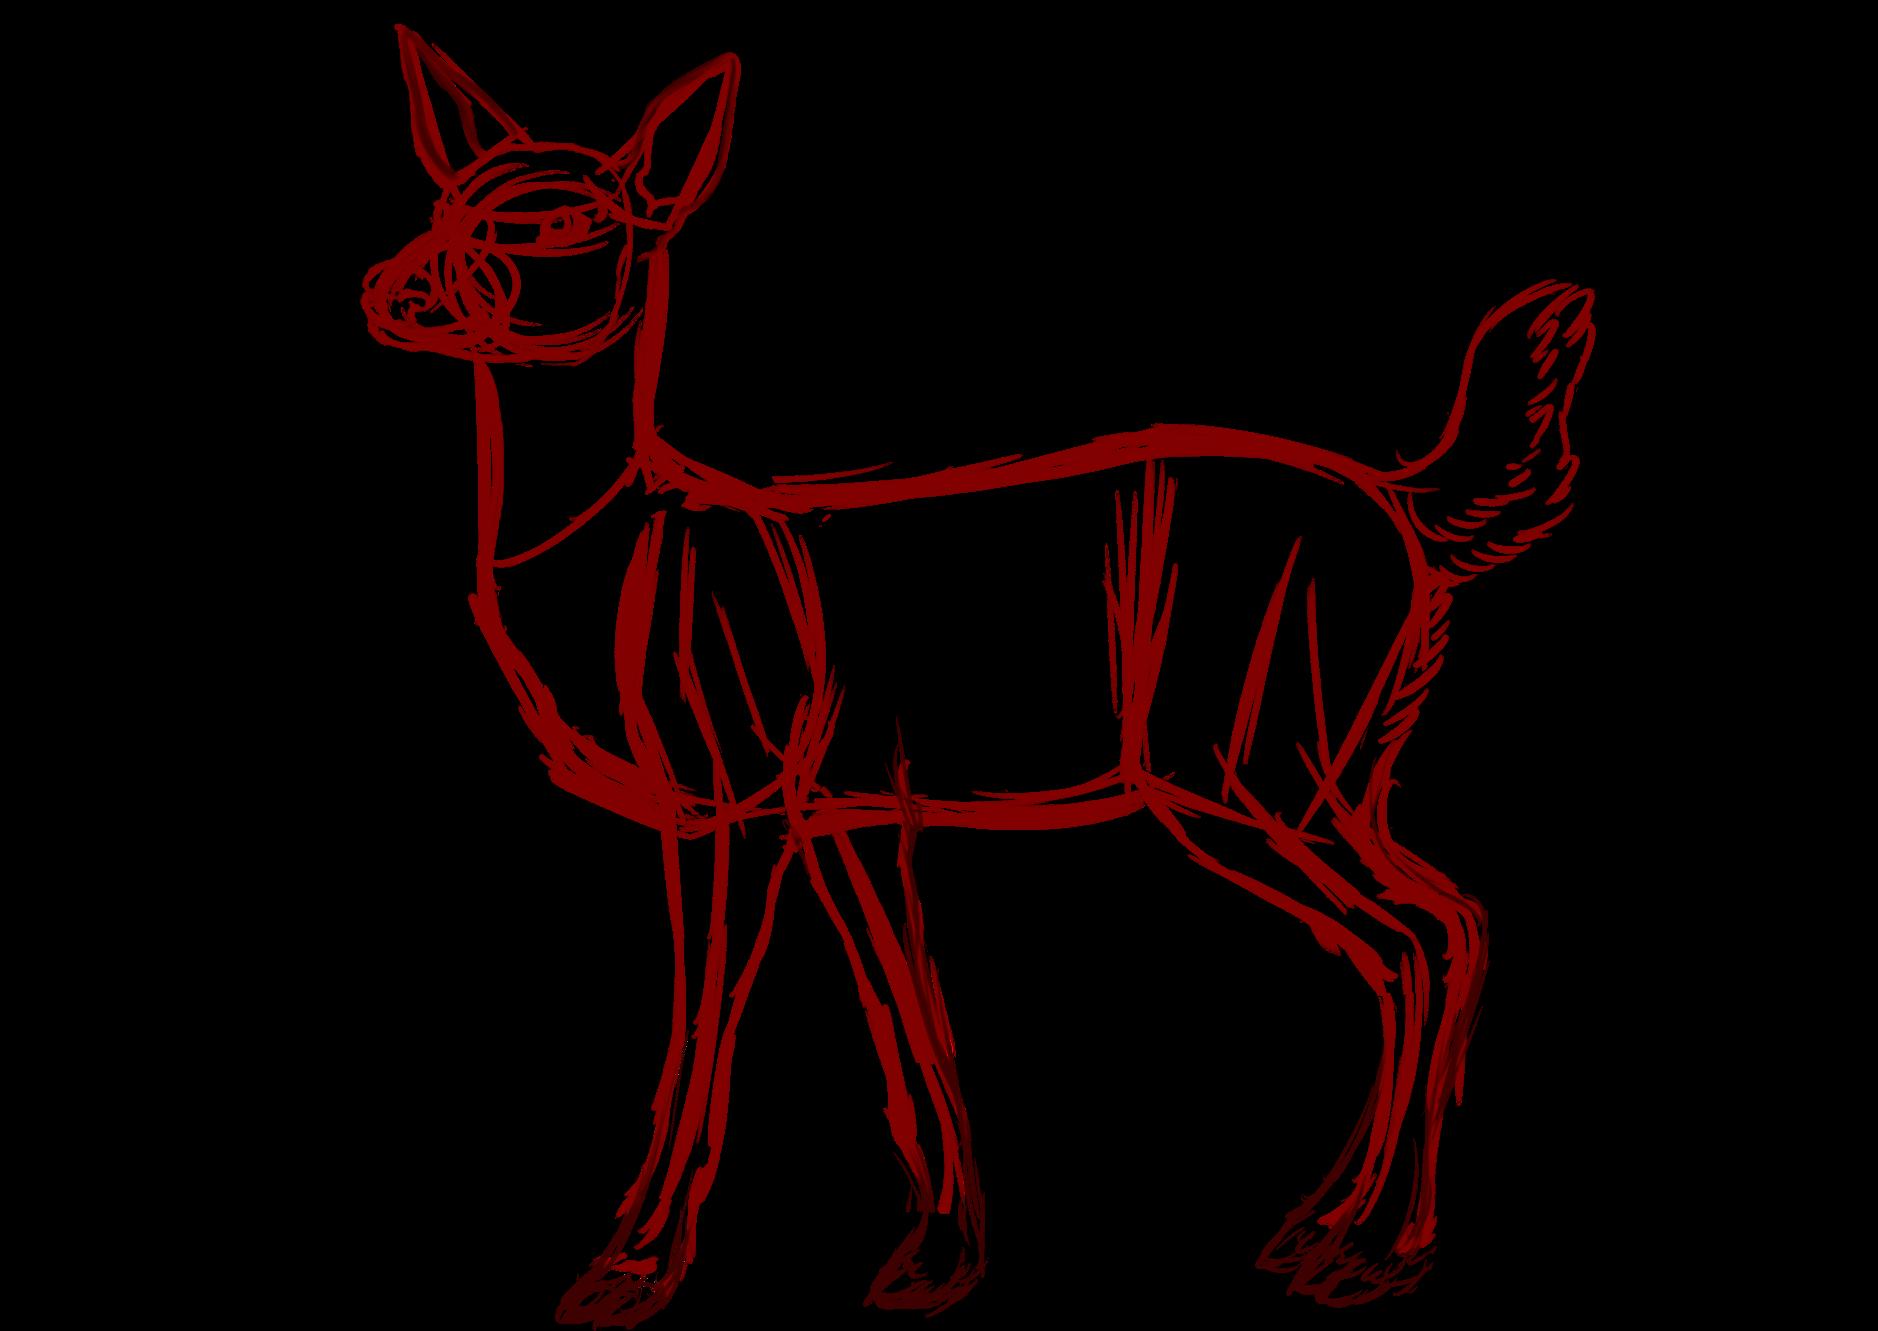 deer drawing   Animal Anatomy   Pinterest   Deer drawing, Animal ...